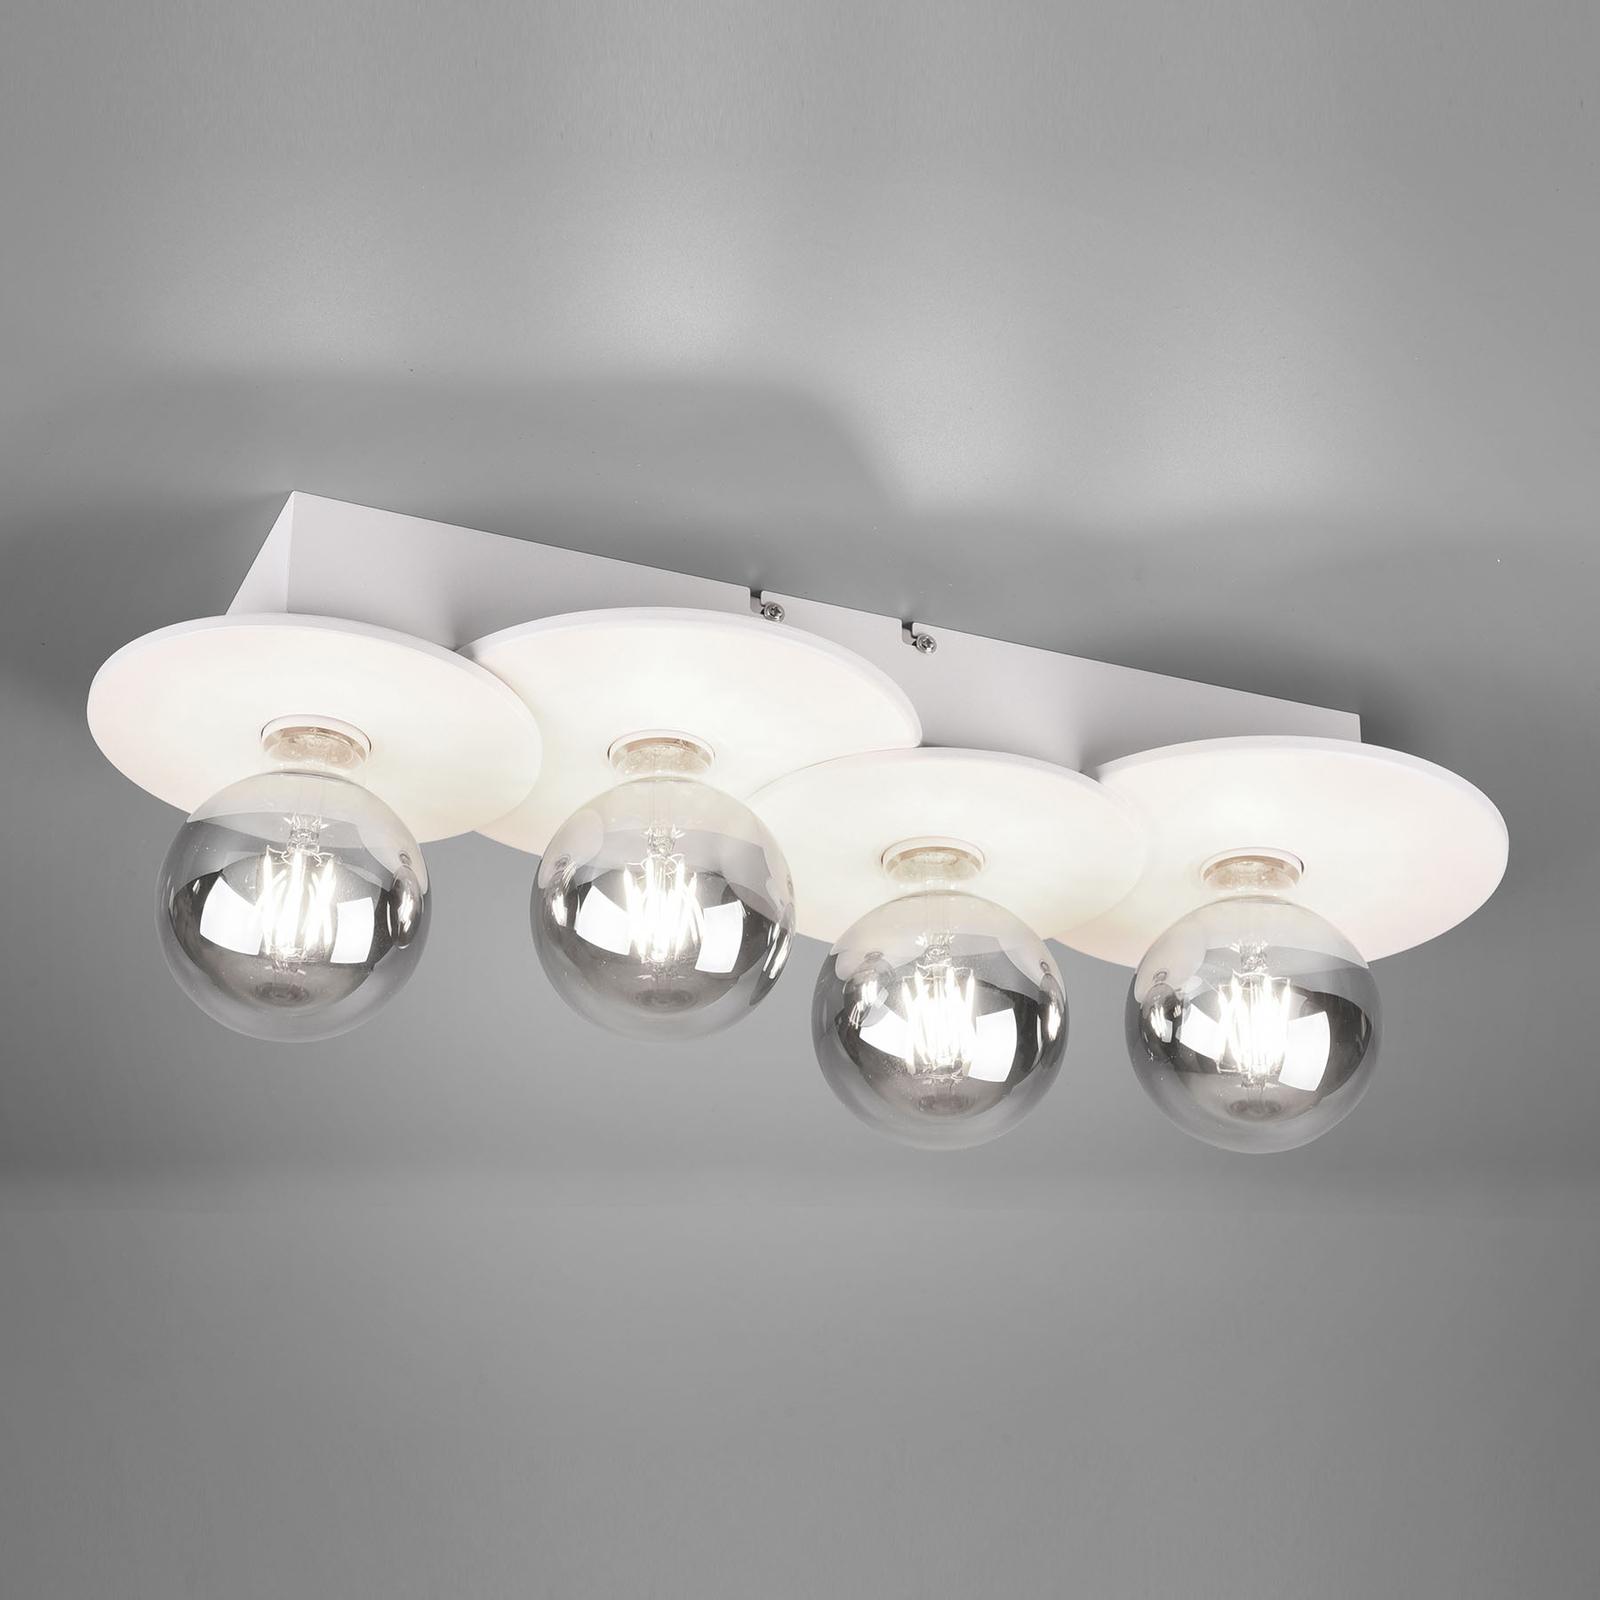 Kattovalaisin Discus, 4-lamppuinen, valkoinen